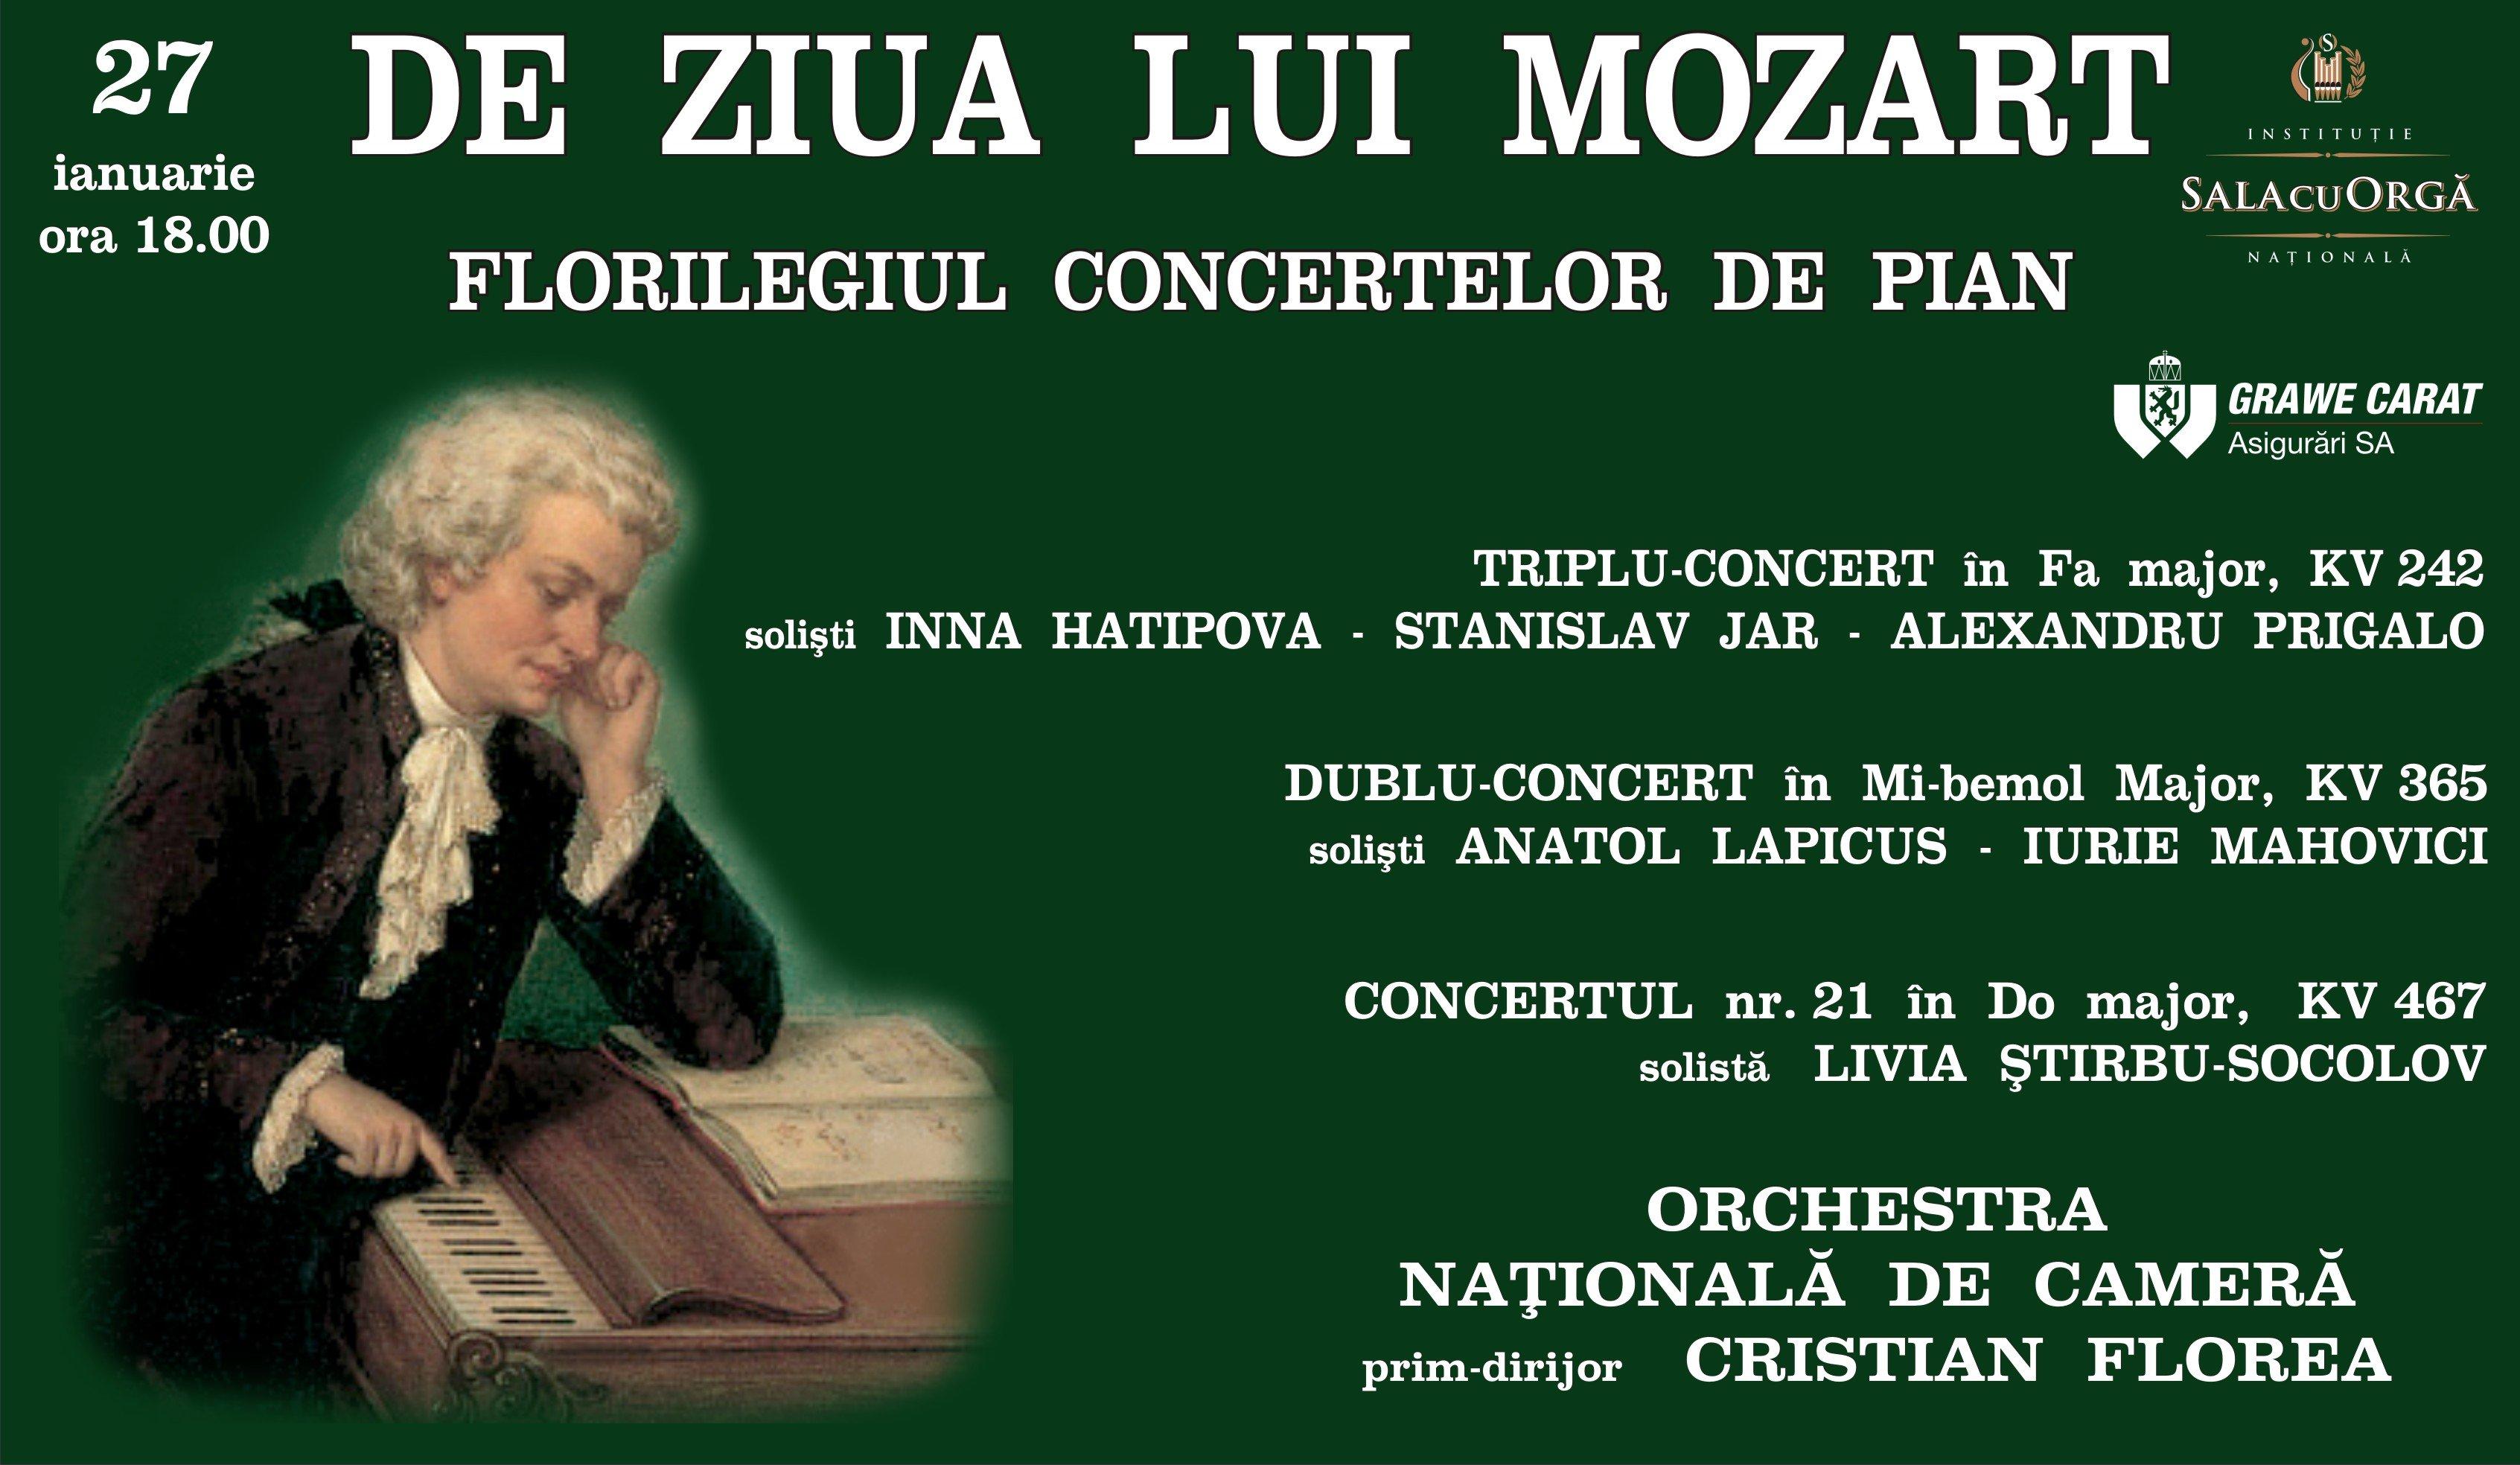 De ziua lui Mozart